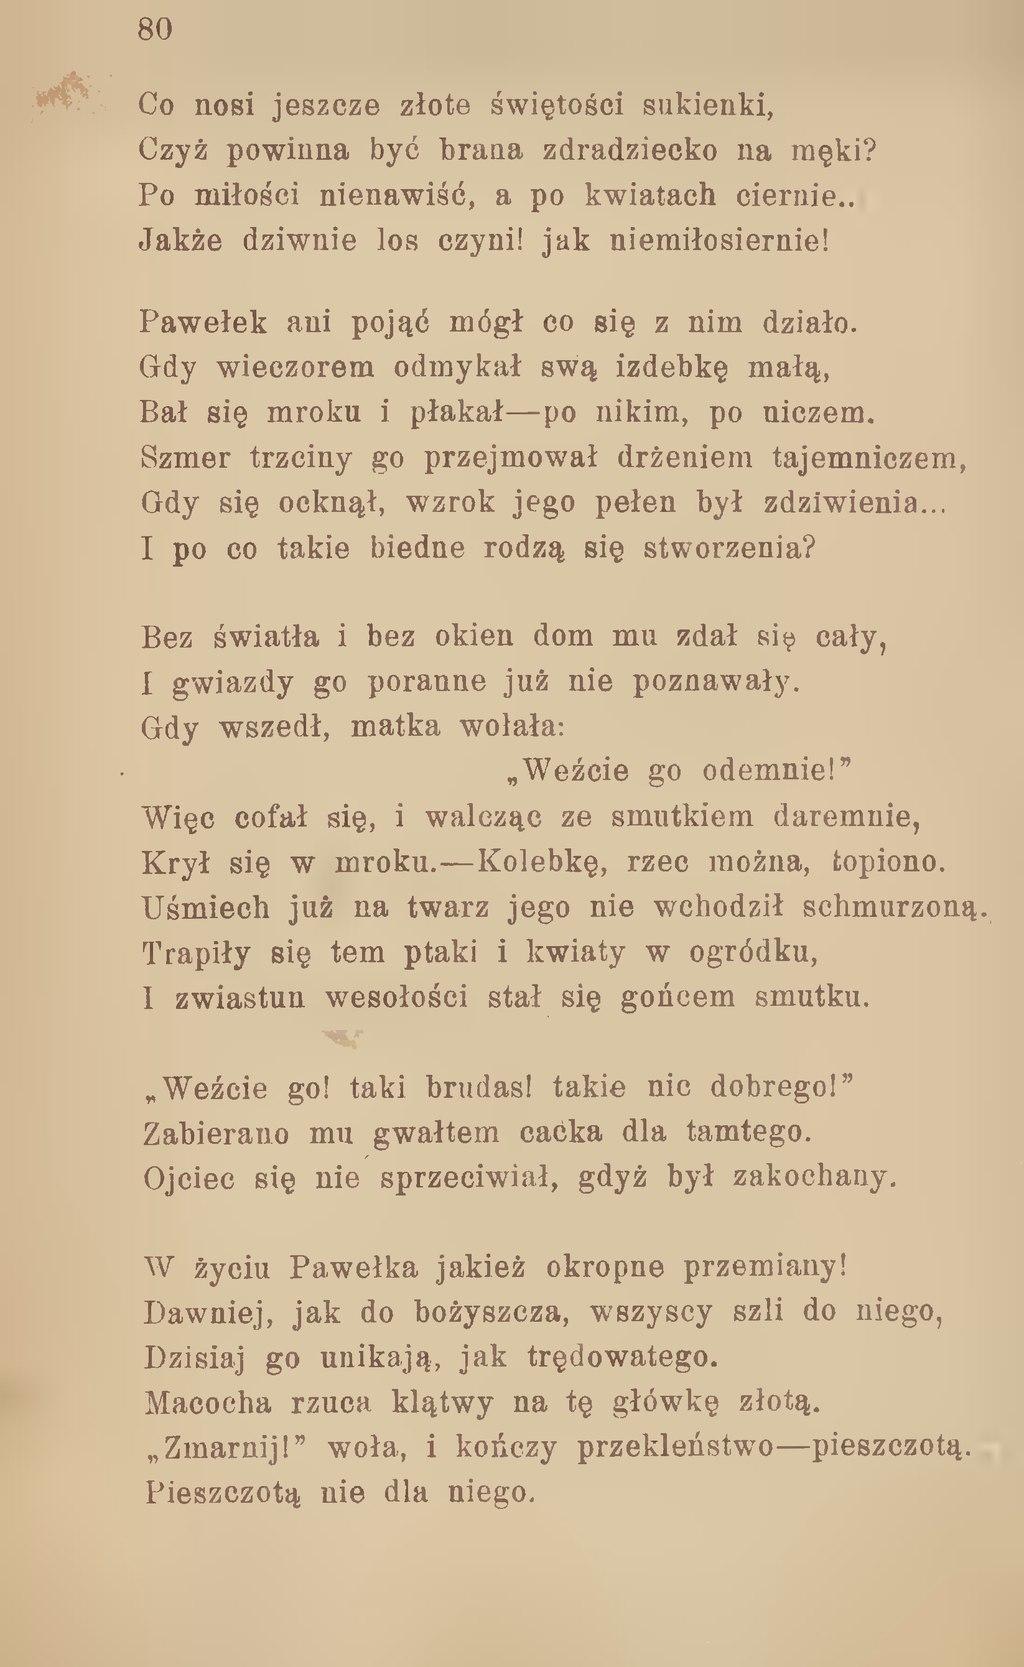 Stronagomulickiego Wiktora Wiersze Zbiór Nowydjvu83